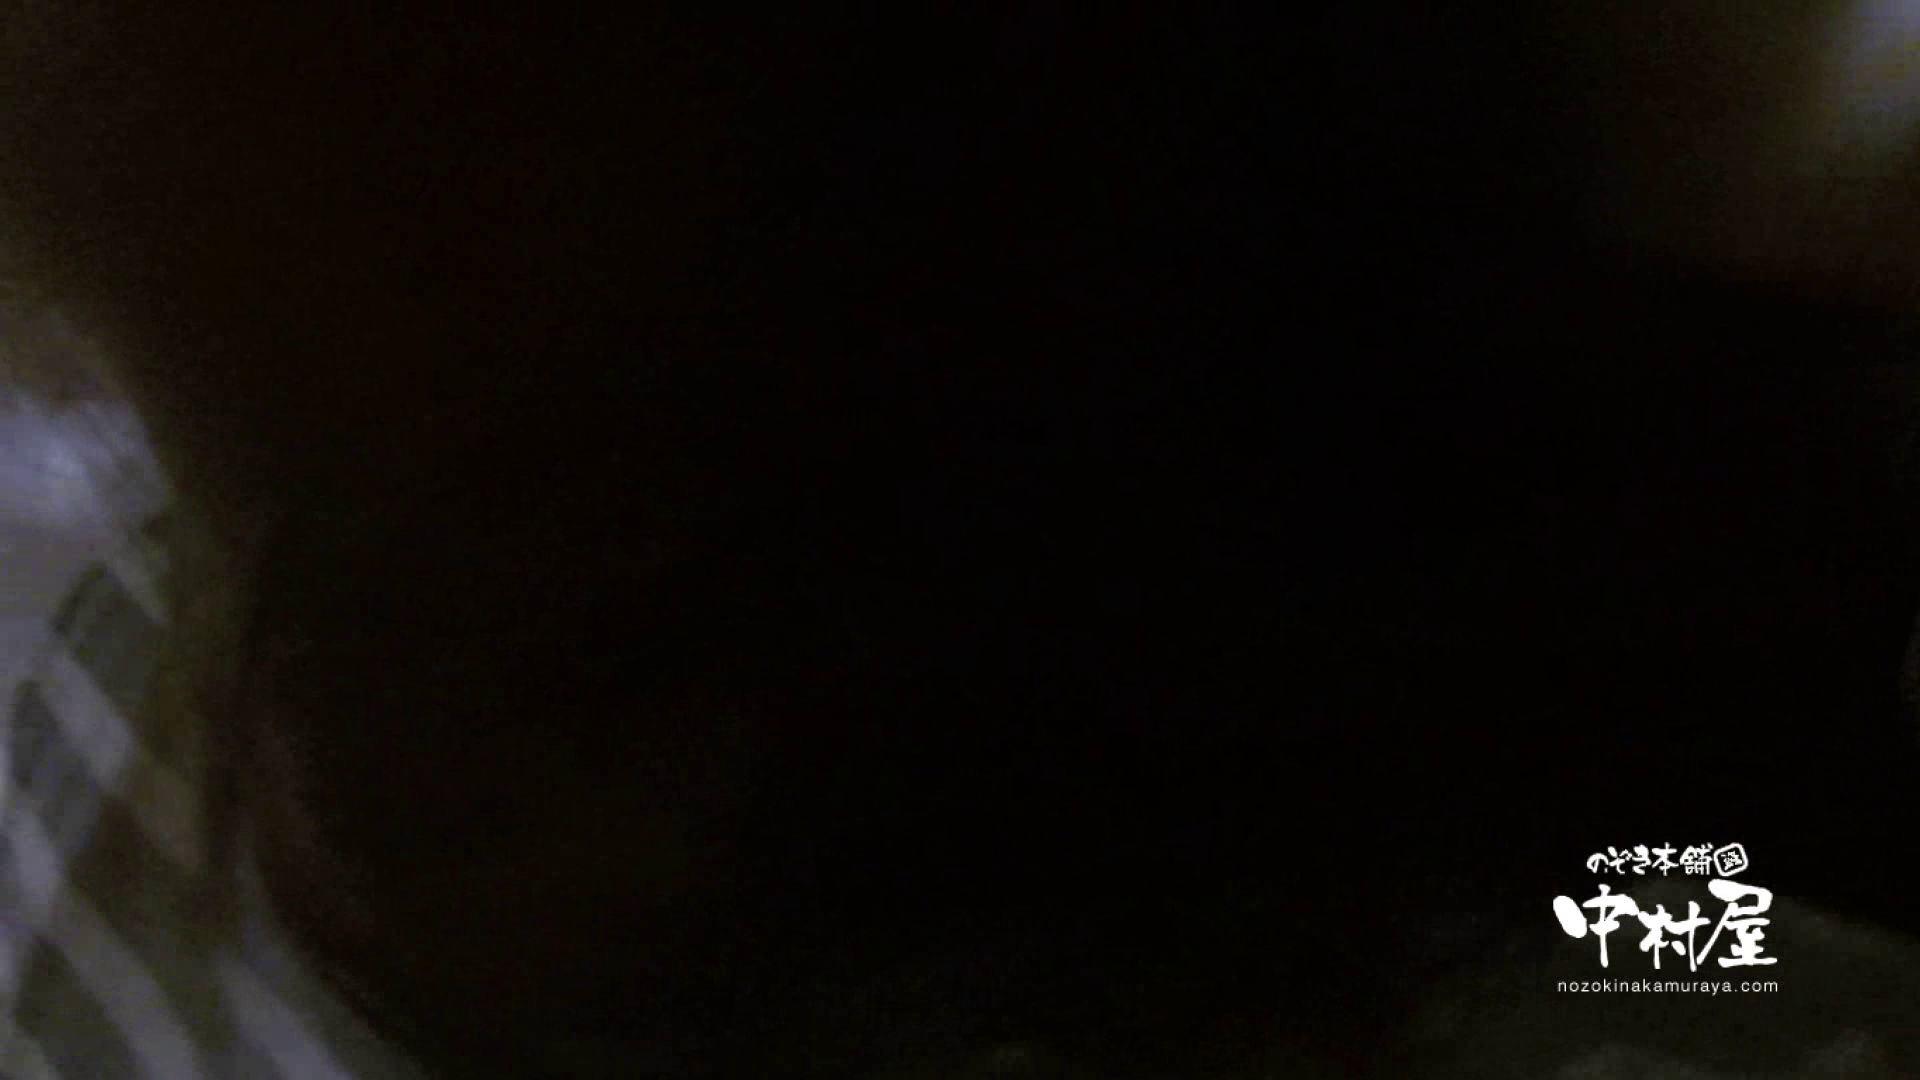 鬼畜 vol.05 誰にも言うなよ! はぃ… 前編 鬼畜  76pic 14